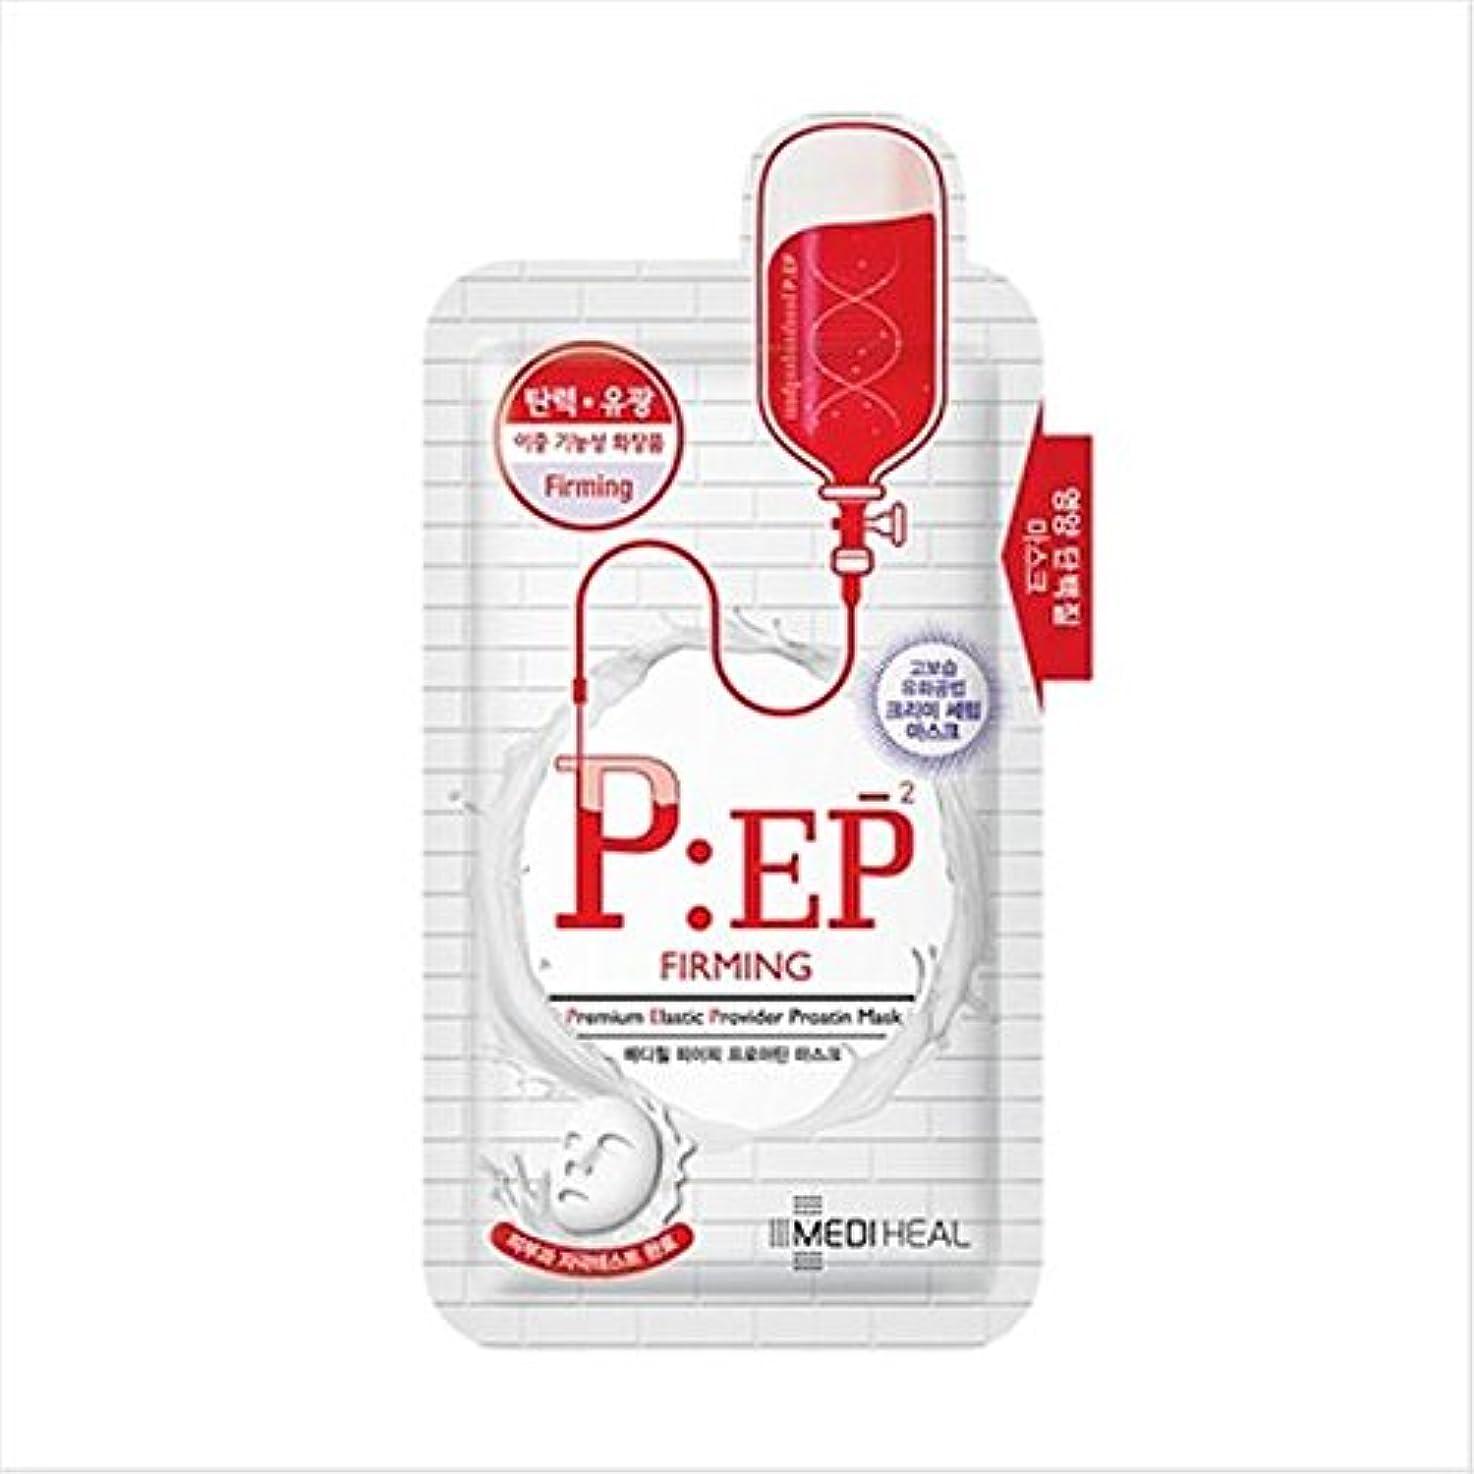 誤ドラマ適性Mediheal P.E.P メディエアファーミングプロテインマスク(アクアリング)25 g x 10枚[並行輸入品]